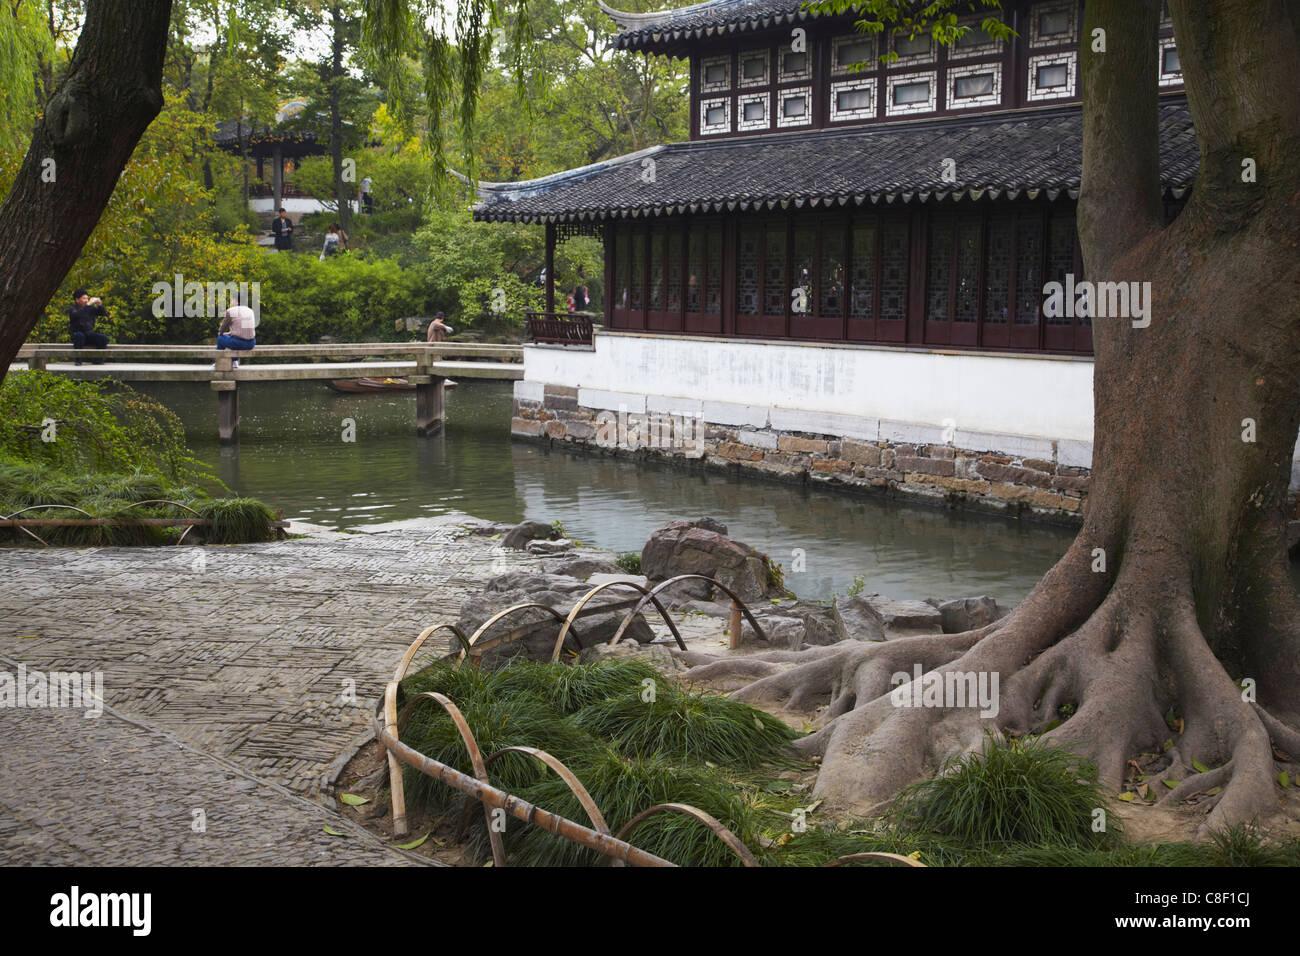 L'Humble Administrator's Garden, Sito Patrimonio Mondiale dell'UNESCO, Suzhou, Jiangsu, Cina Immagini Stock